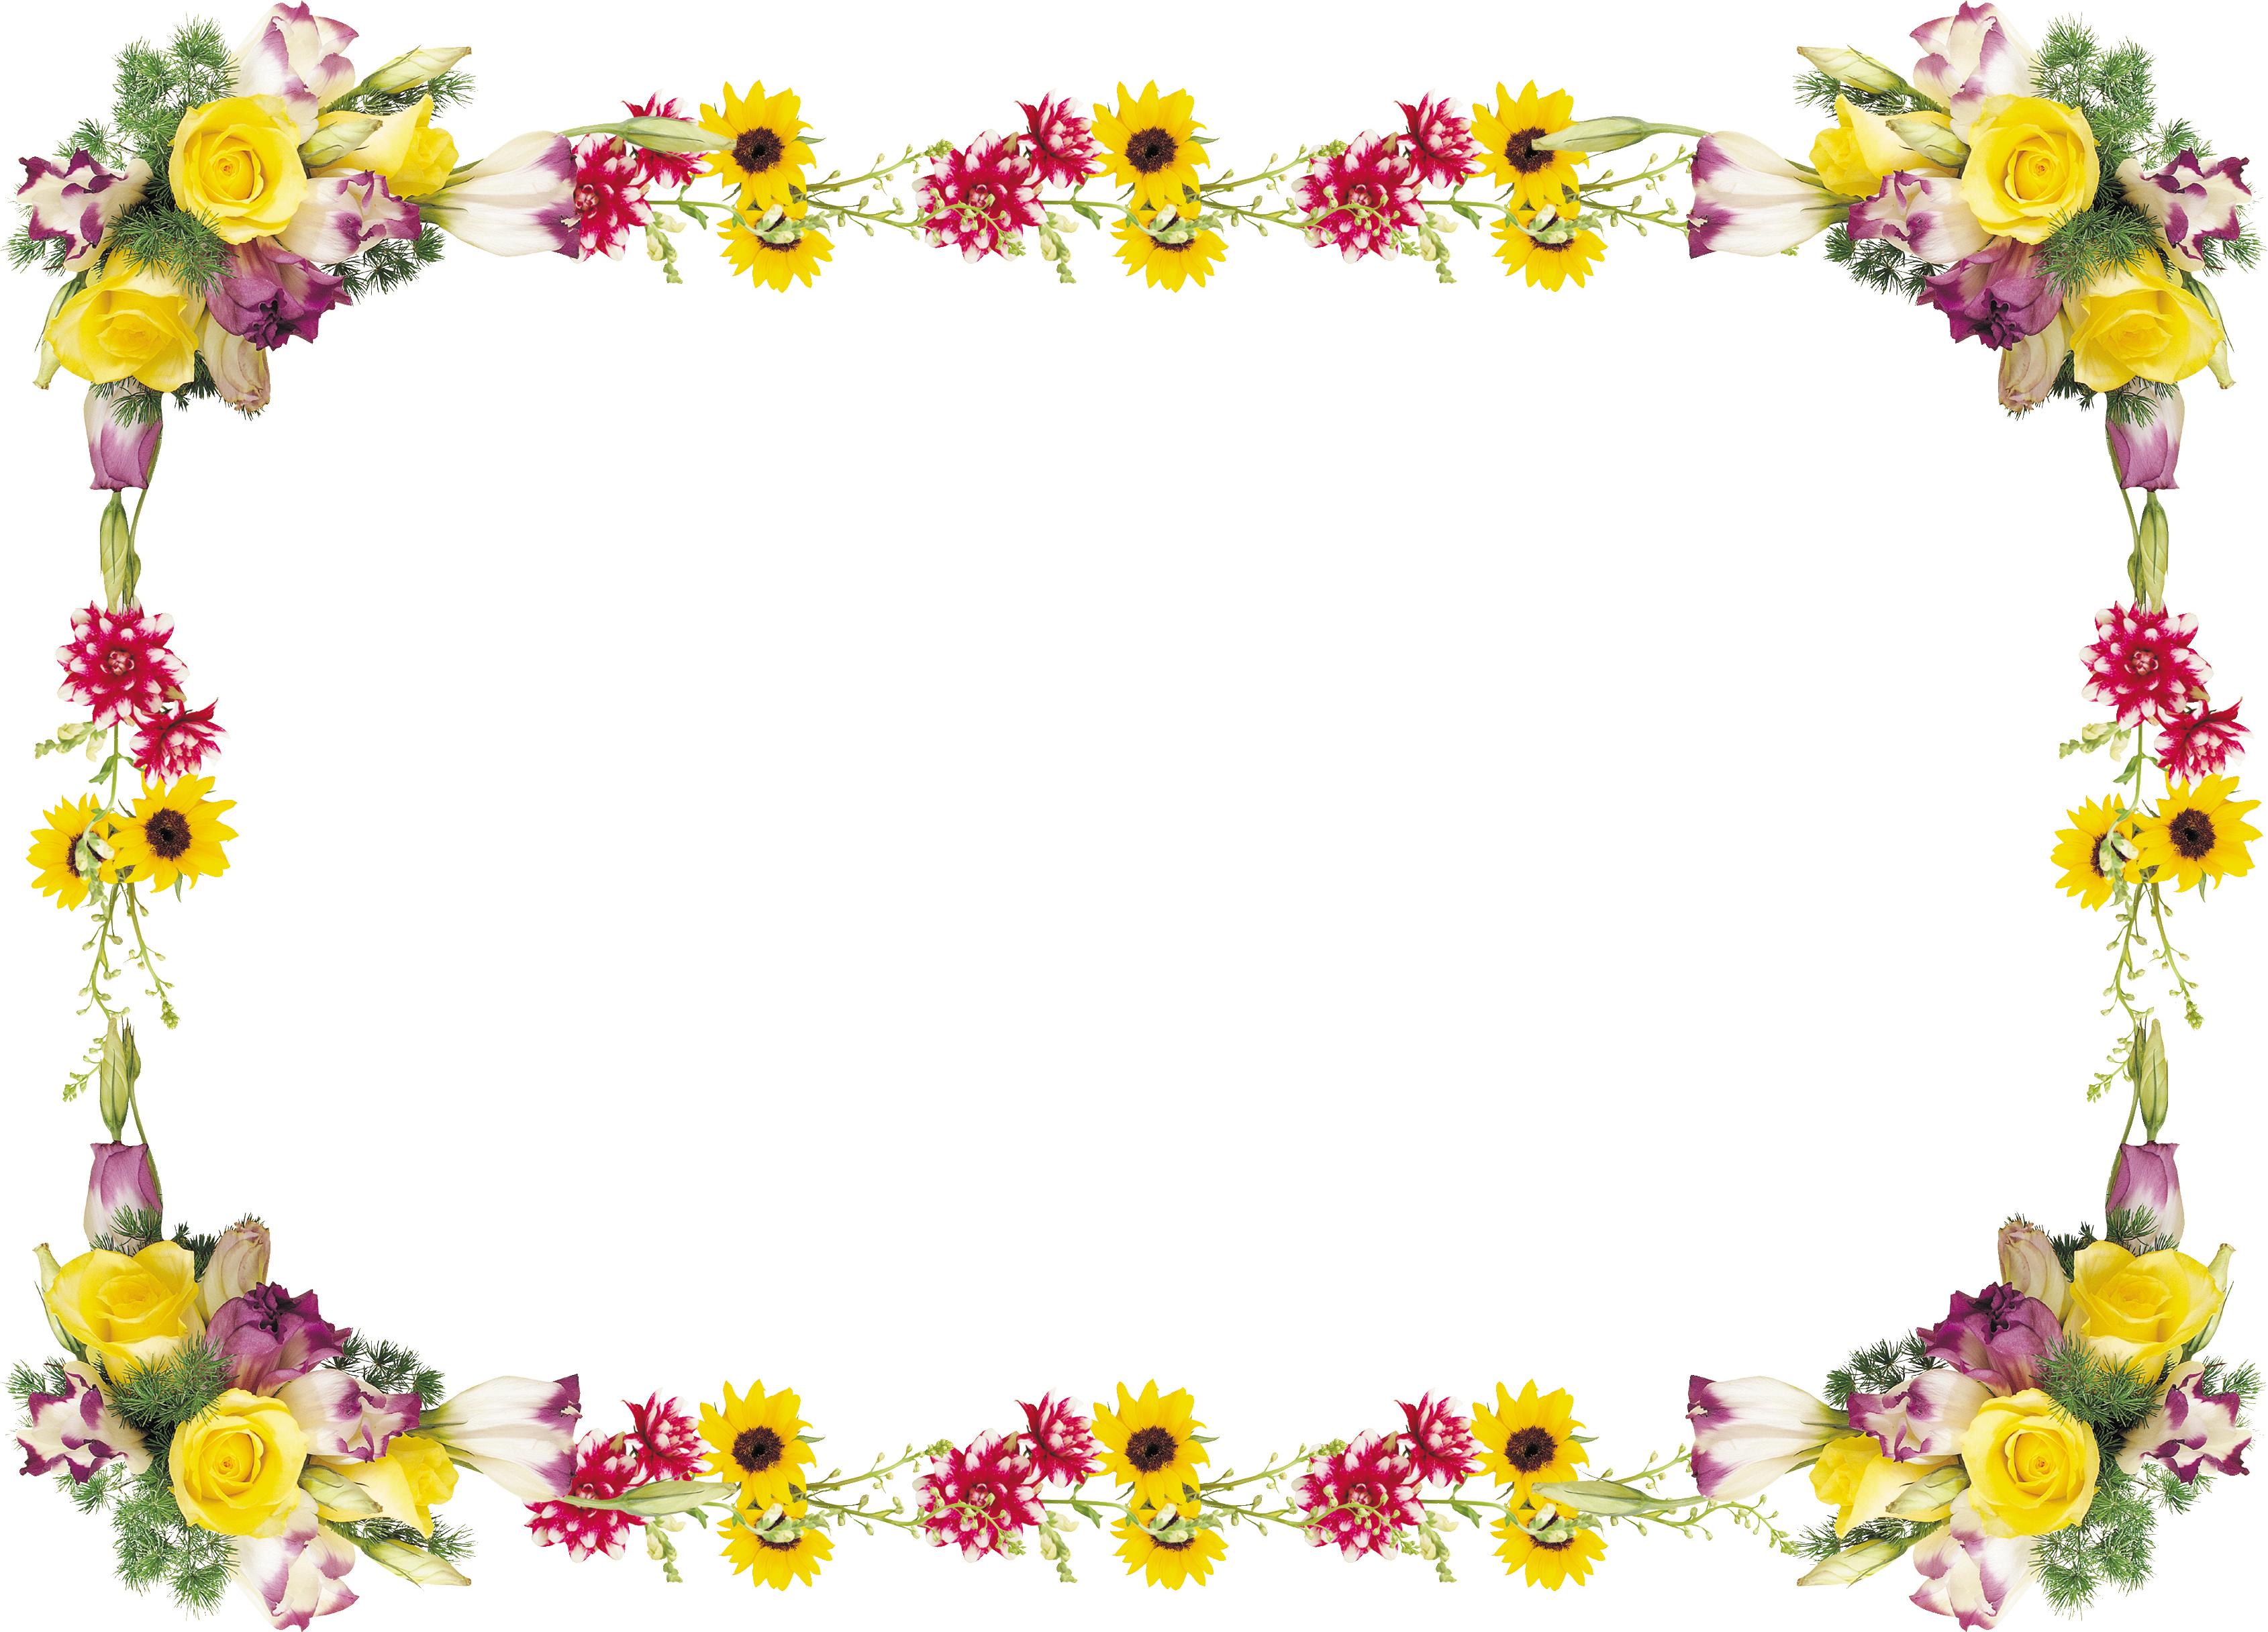 Рамки для фото с цветами на прозрачном фоне